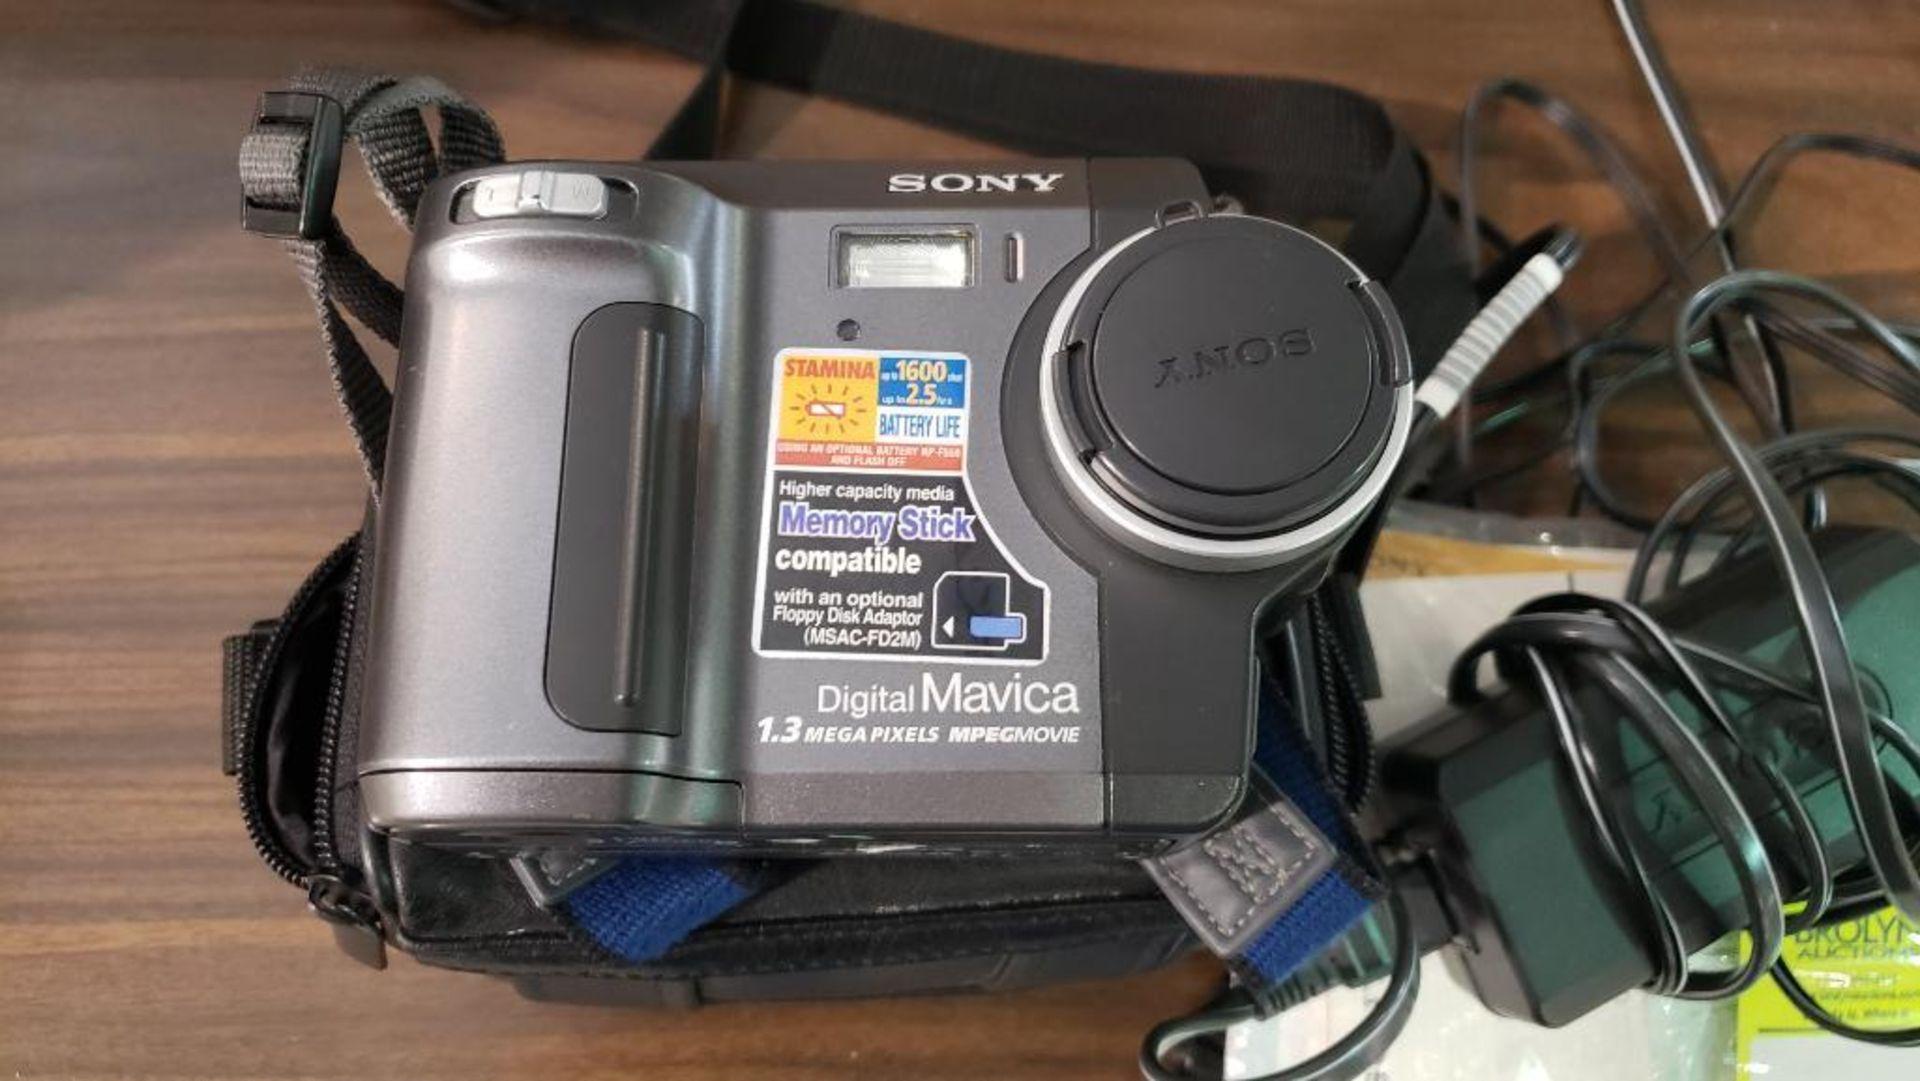 Sony Mavica digital camera. - Image 2 of 5